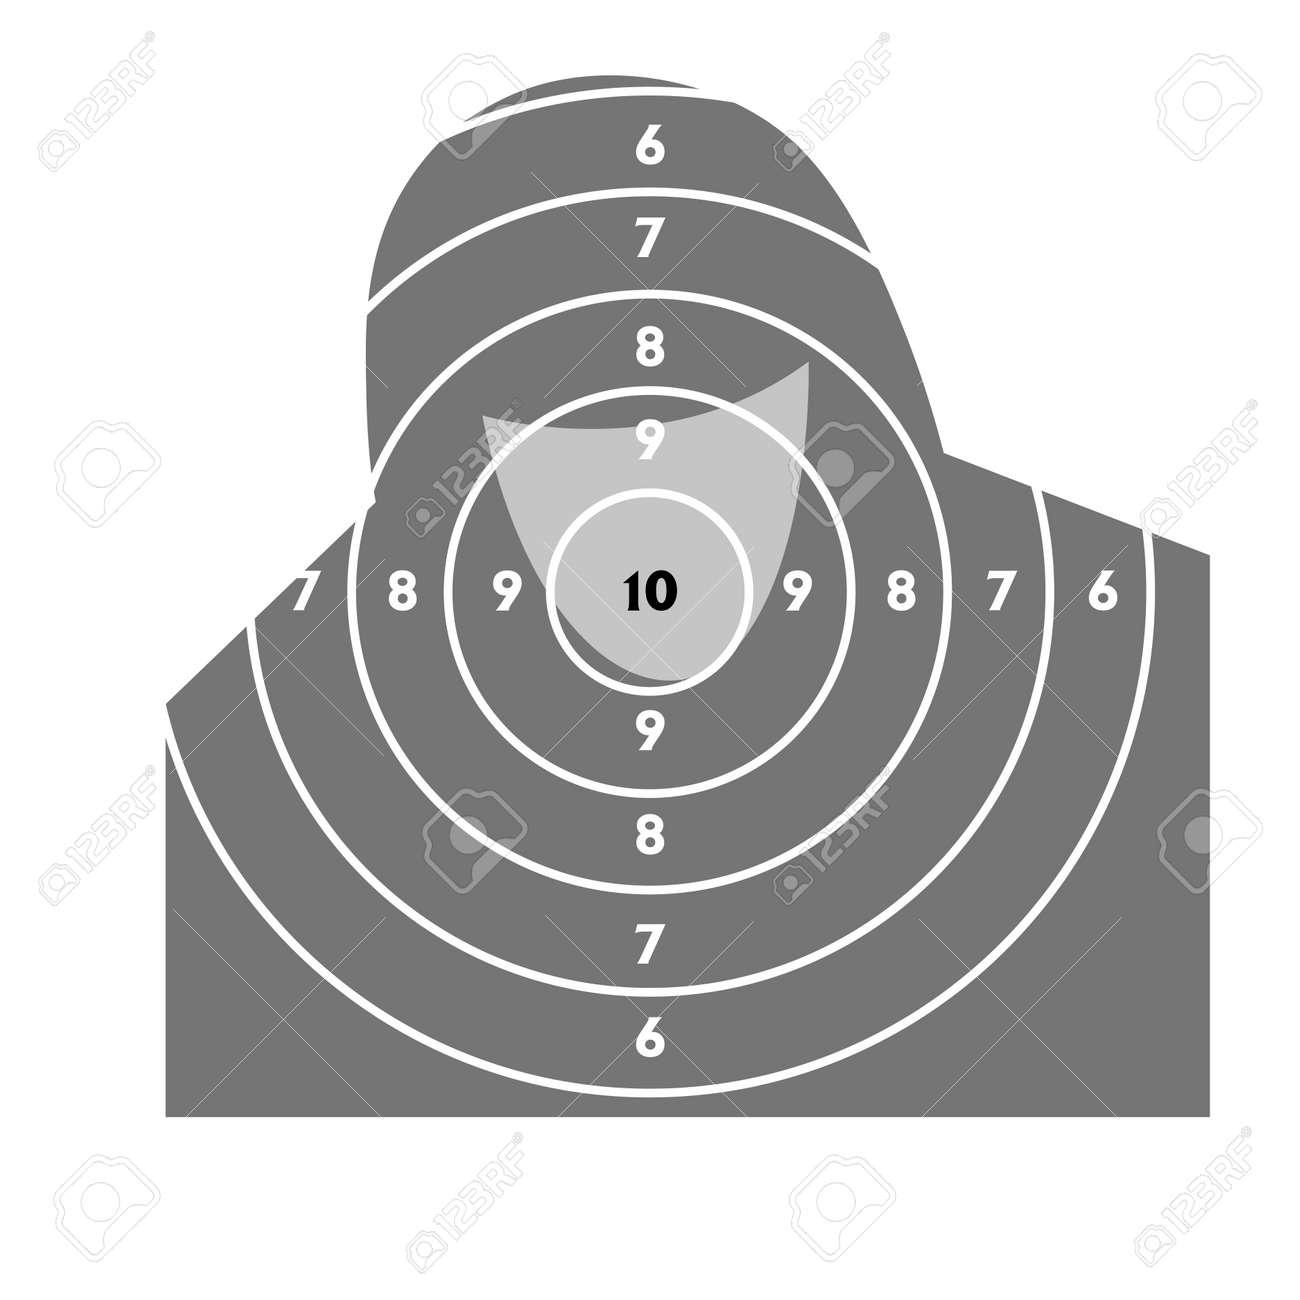 El objetivo de disparos de práctica en un campo de tiro con una pistola Foto de archivo - 9485334